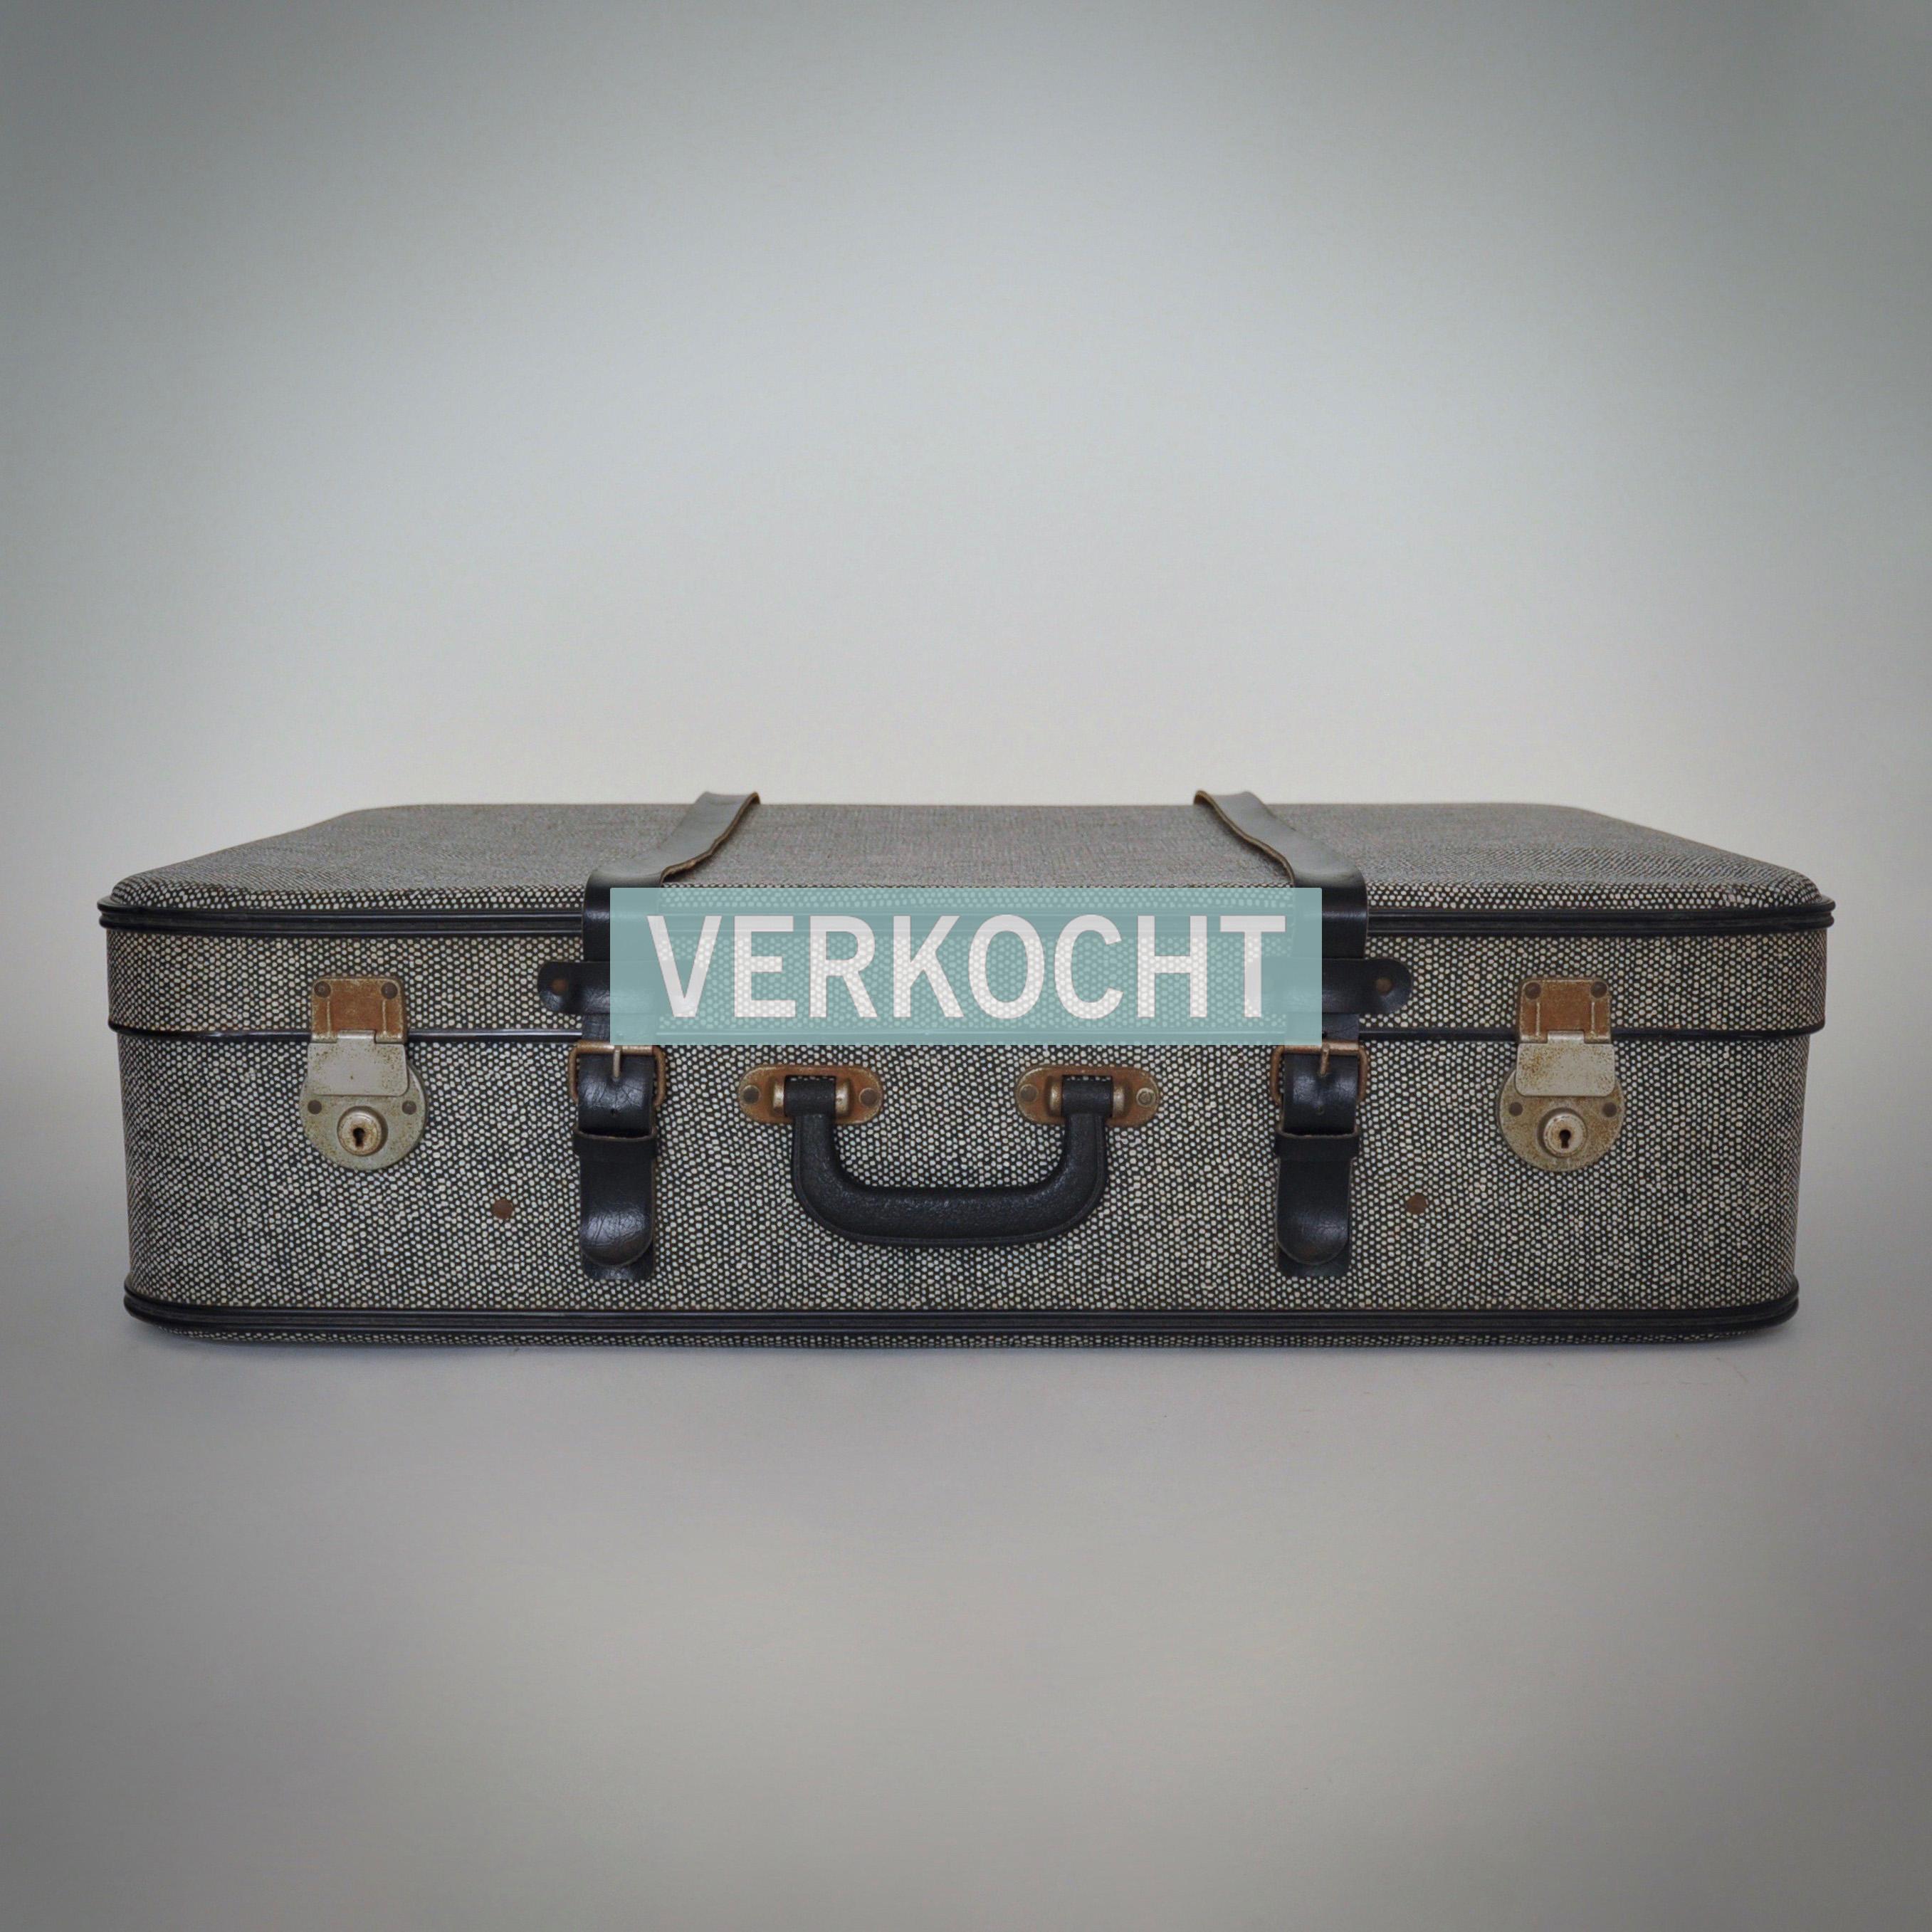 lichtgrijze vintage koffer